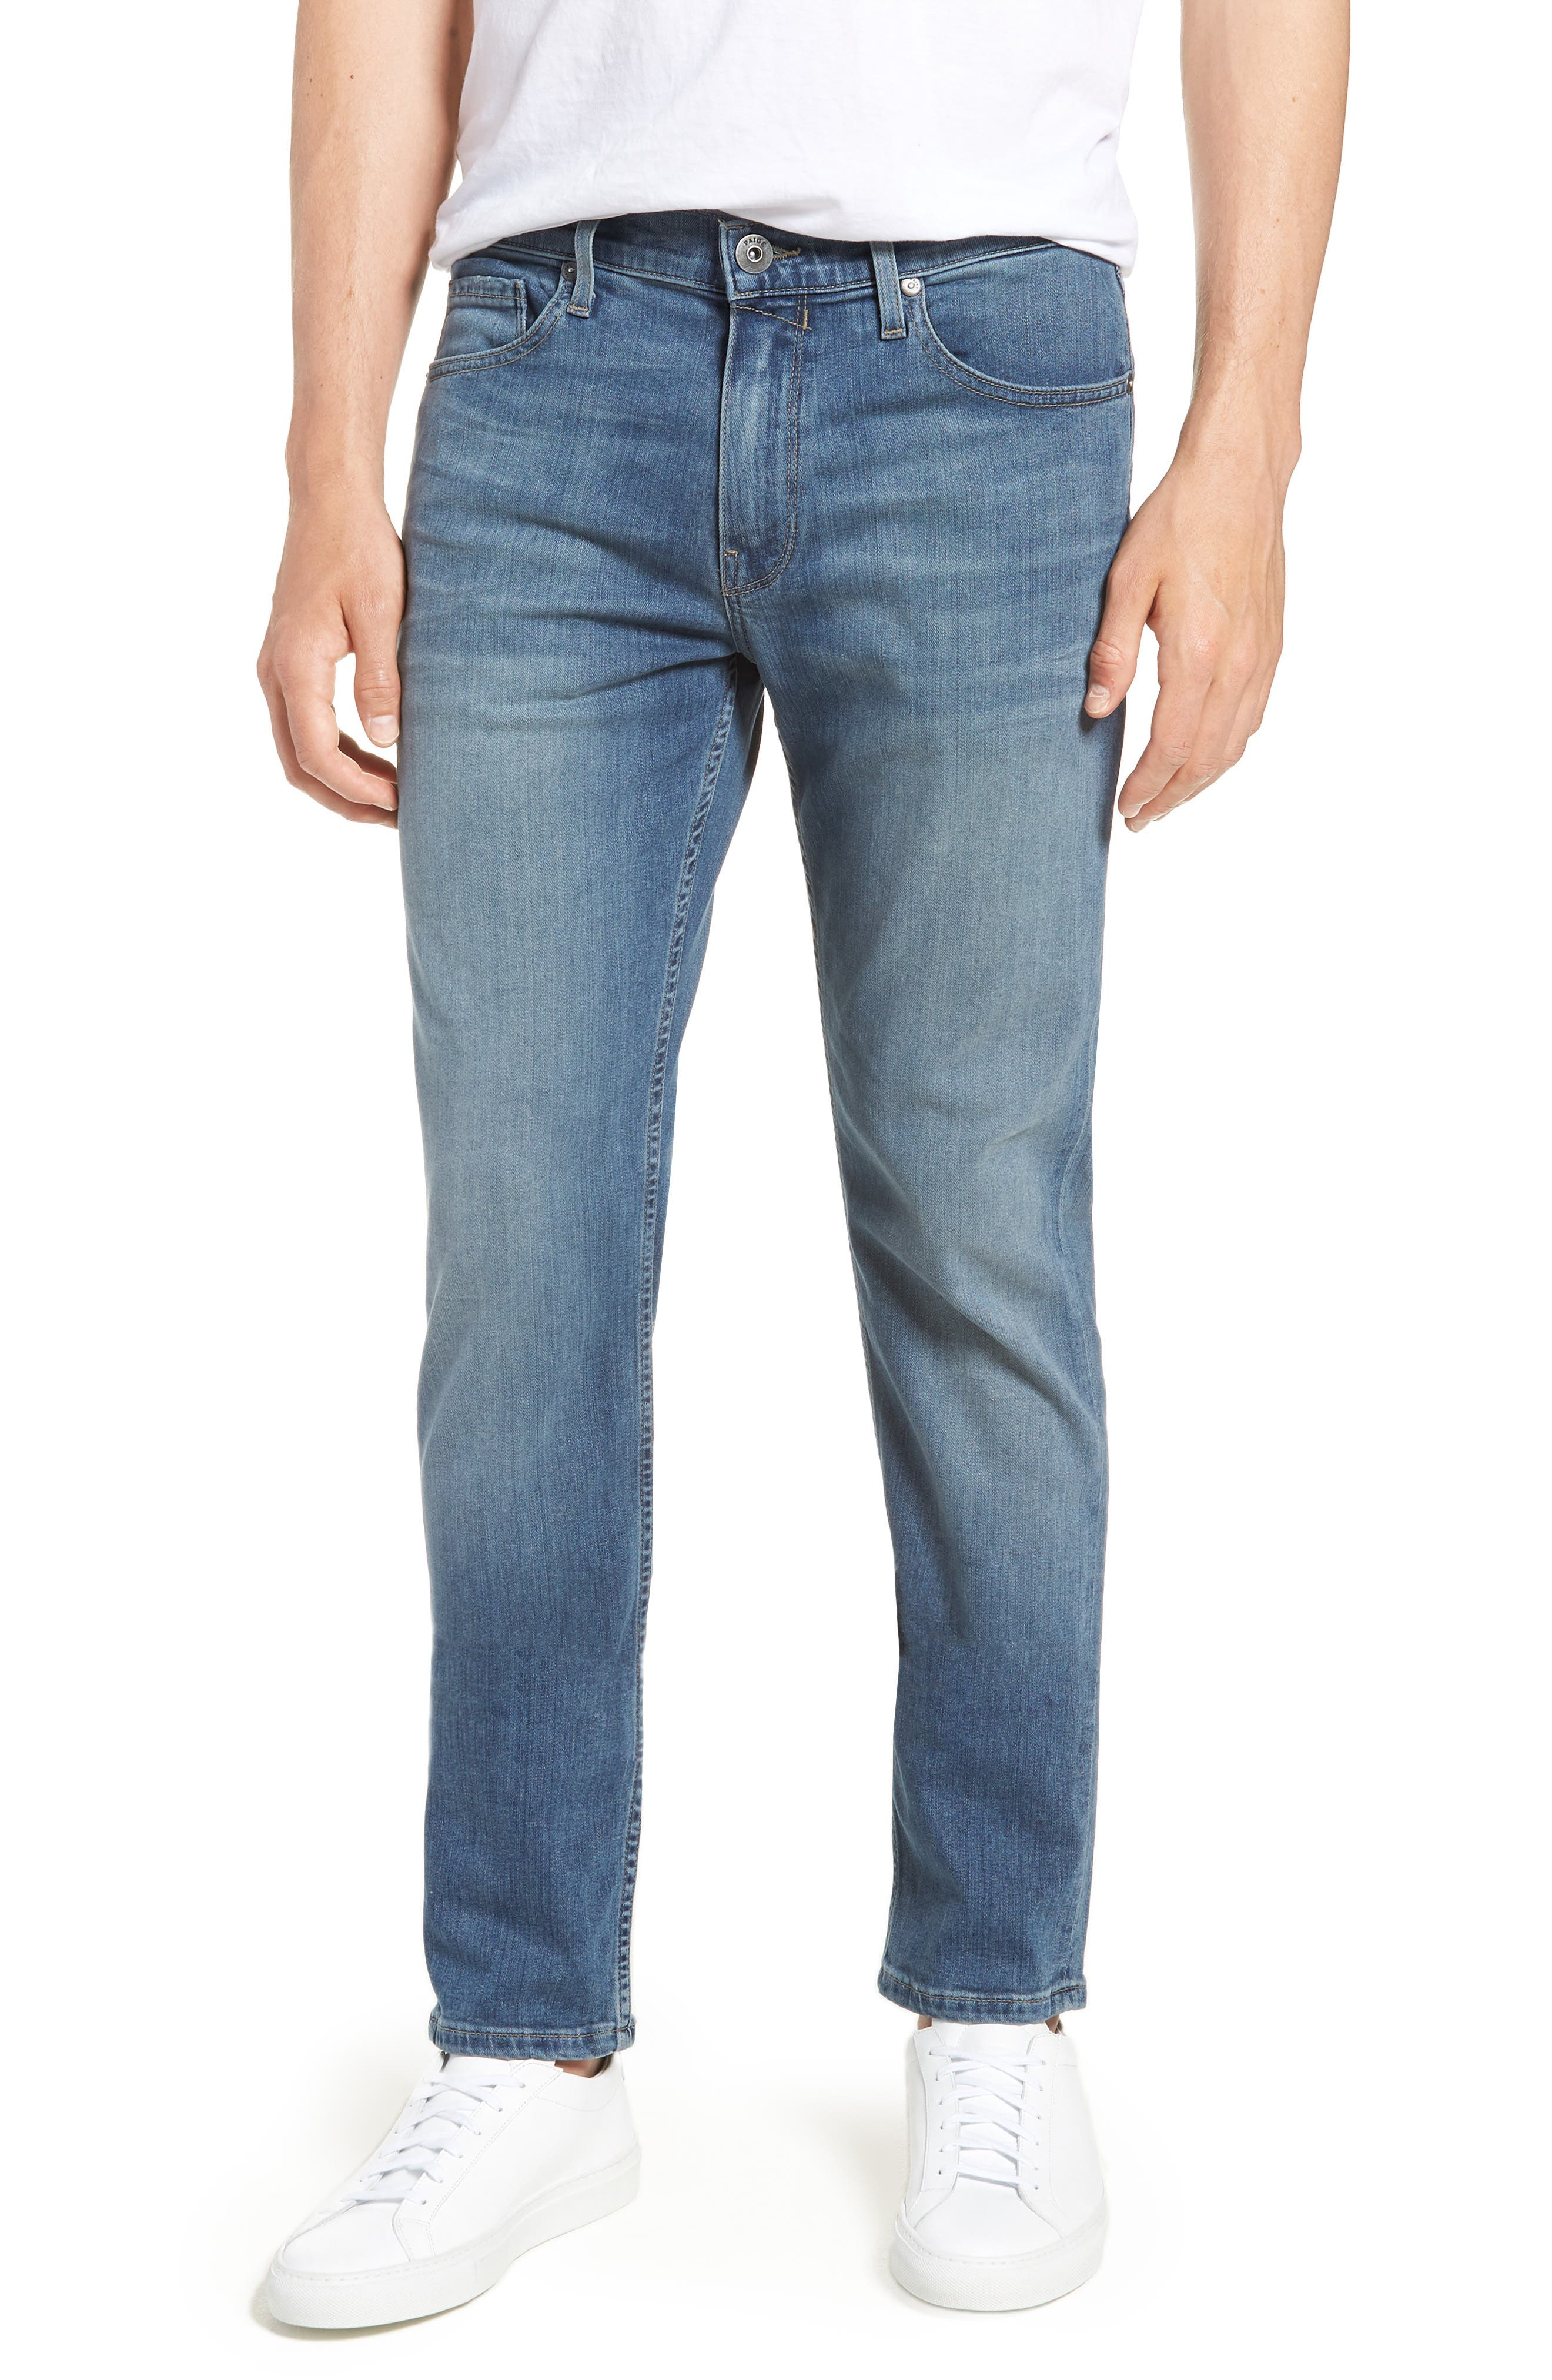 Transcend - Lennox Slim Fit Jeans,                         Main,                         color, Allman